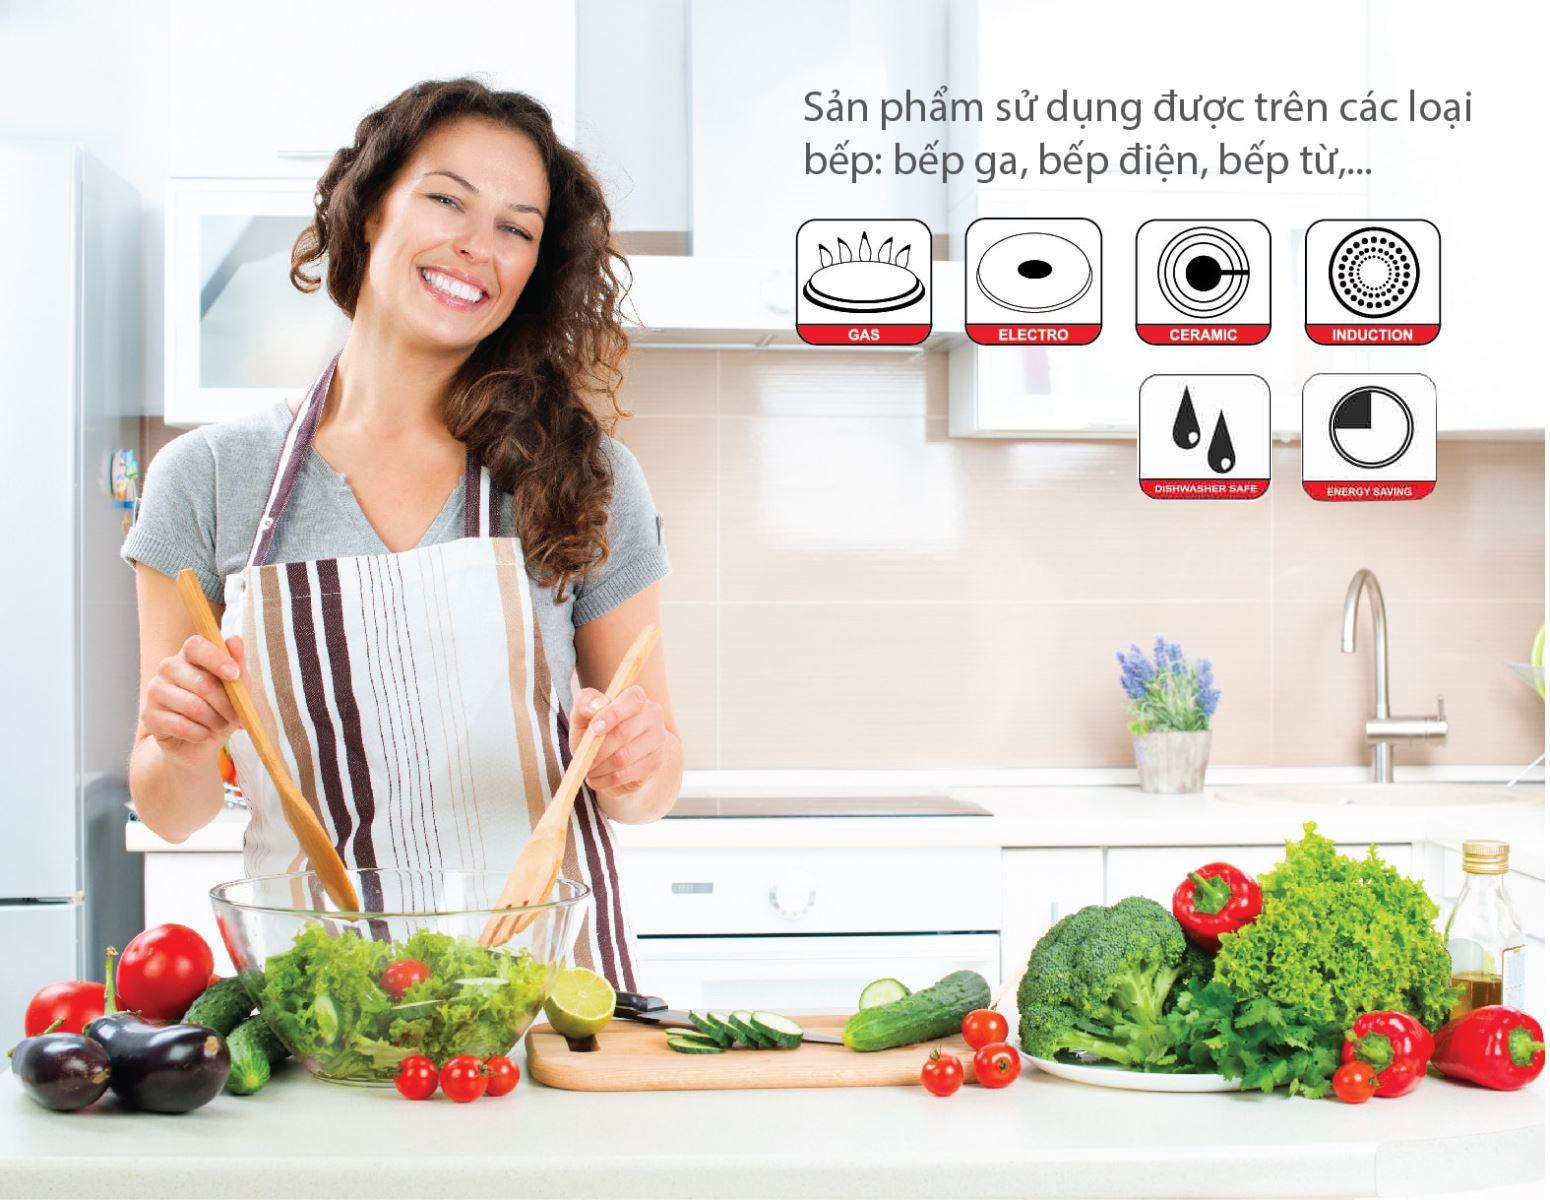 Bộ nồi inox 5 đáy Smartcook sử dụng được trên tất cả các loại bếp